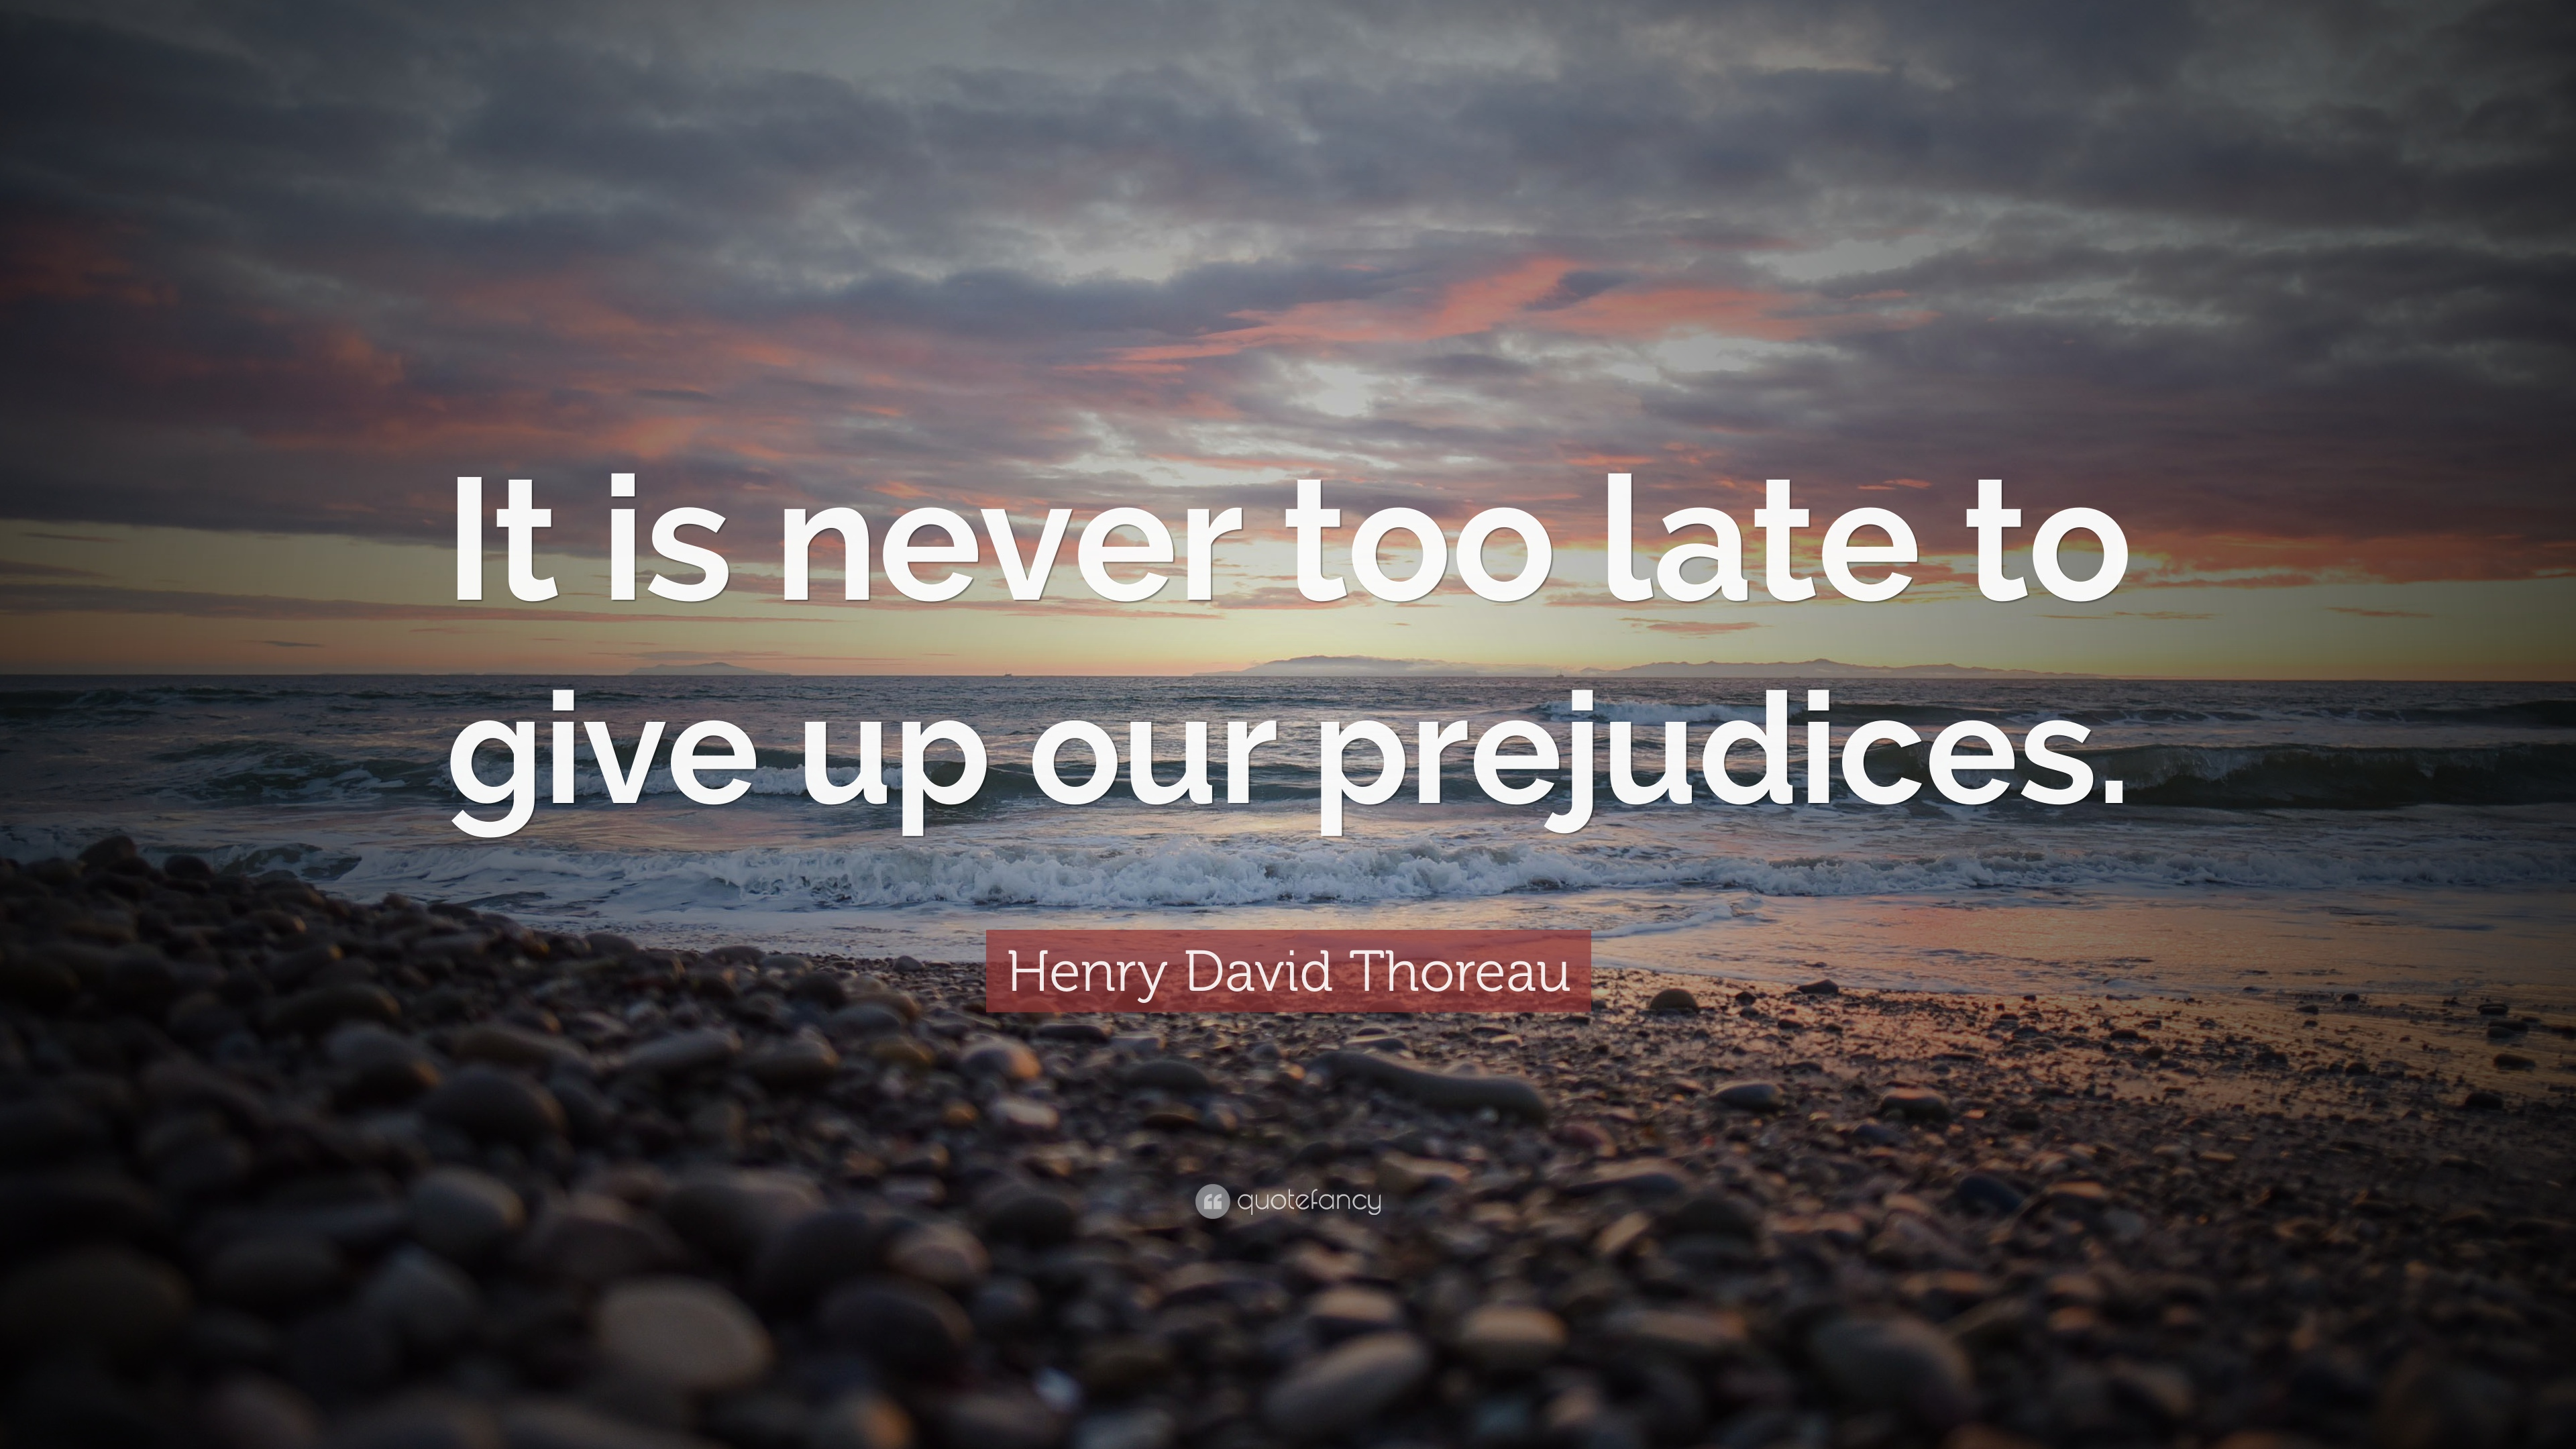 henry david thoreau quote: